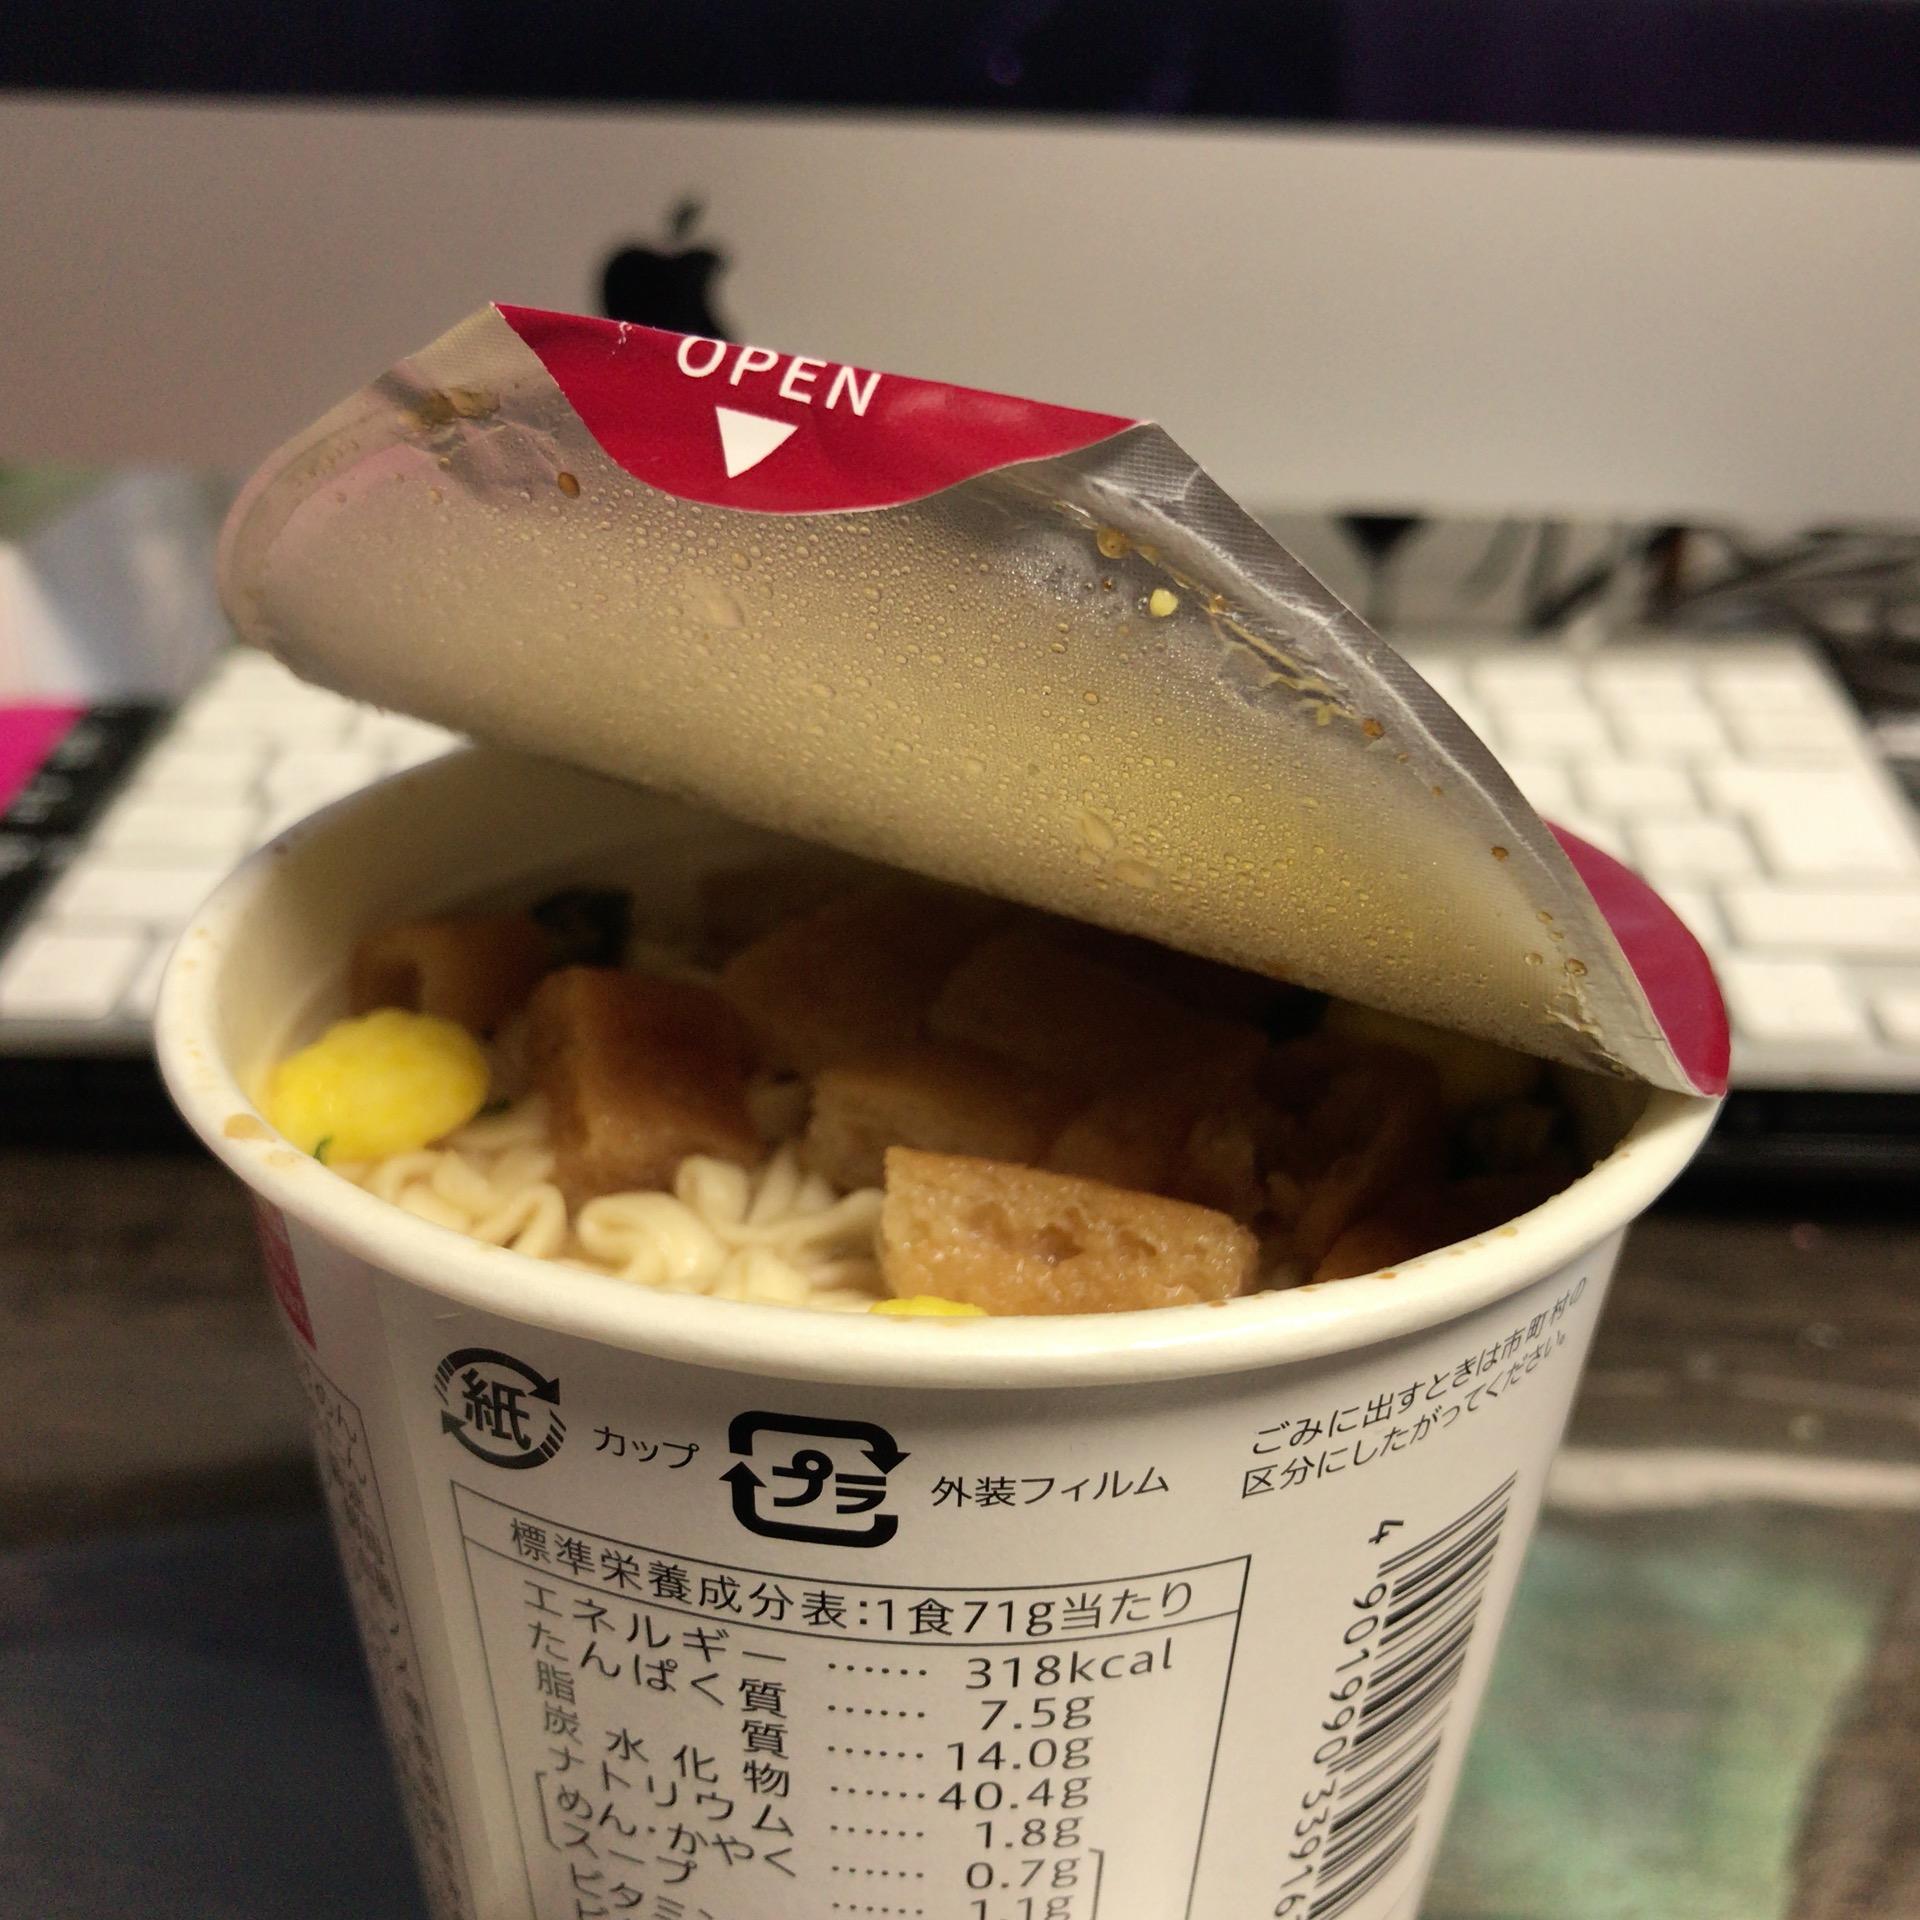 カップ麺の蓋が開いてしまっている